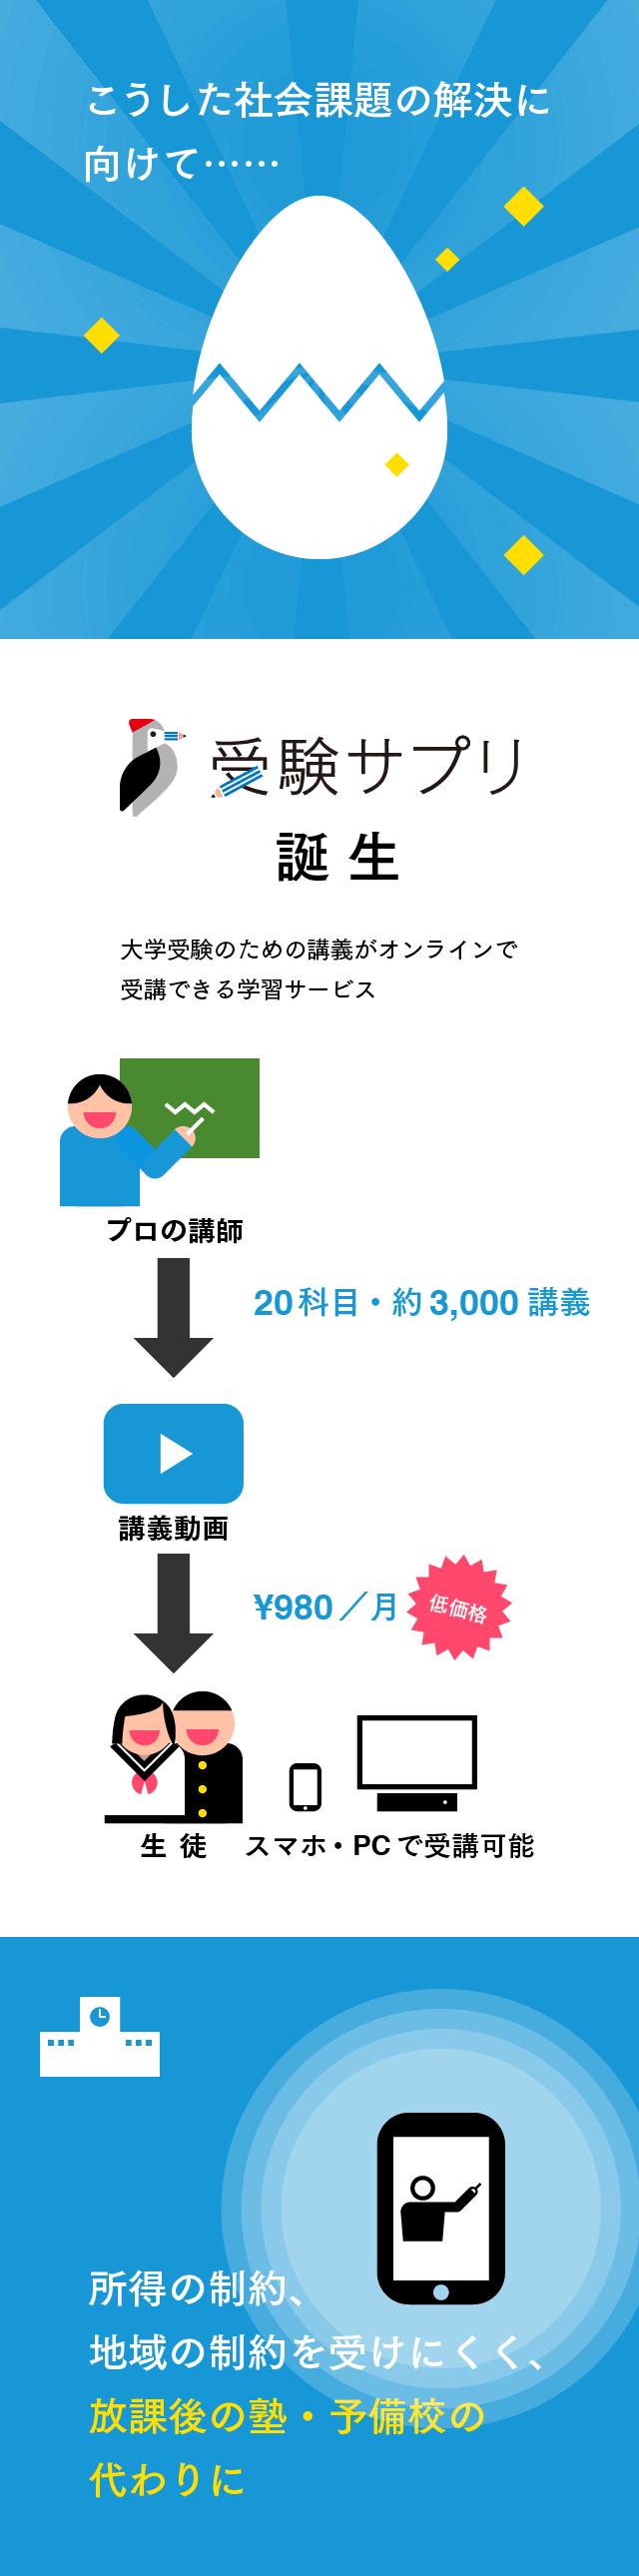 【マスター】スタディサプリインフォ_20160302-2-02